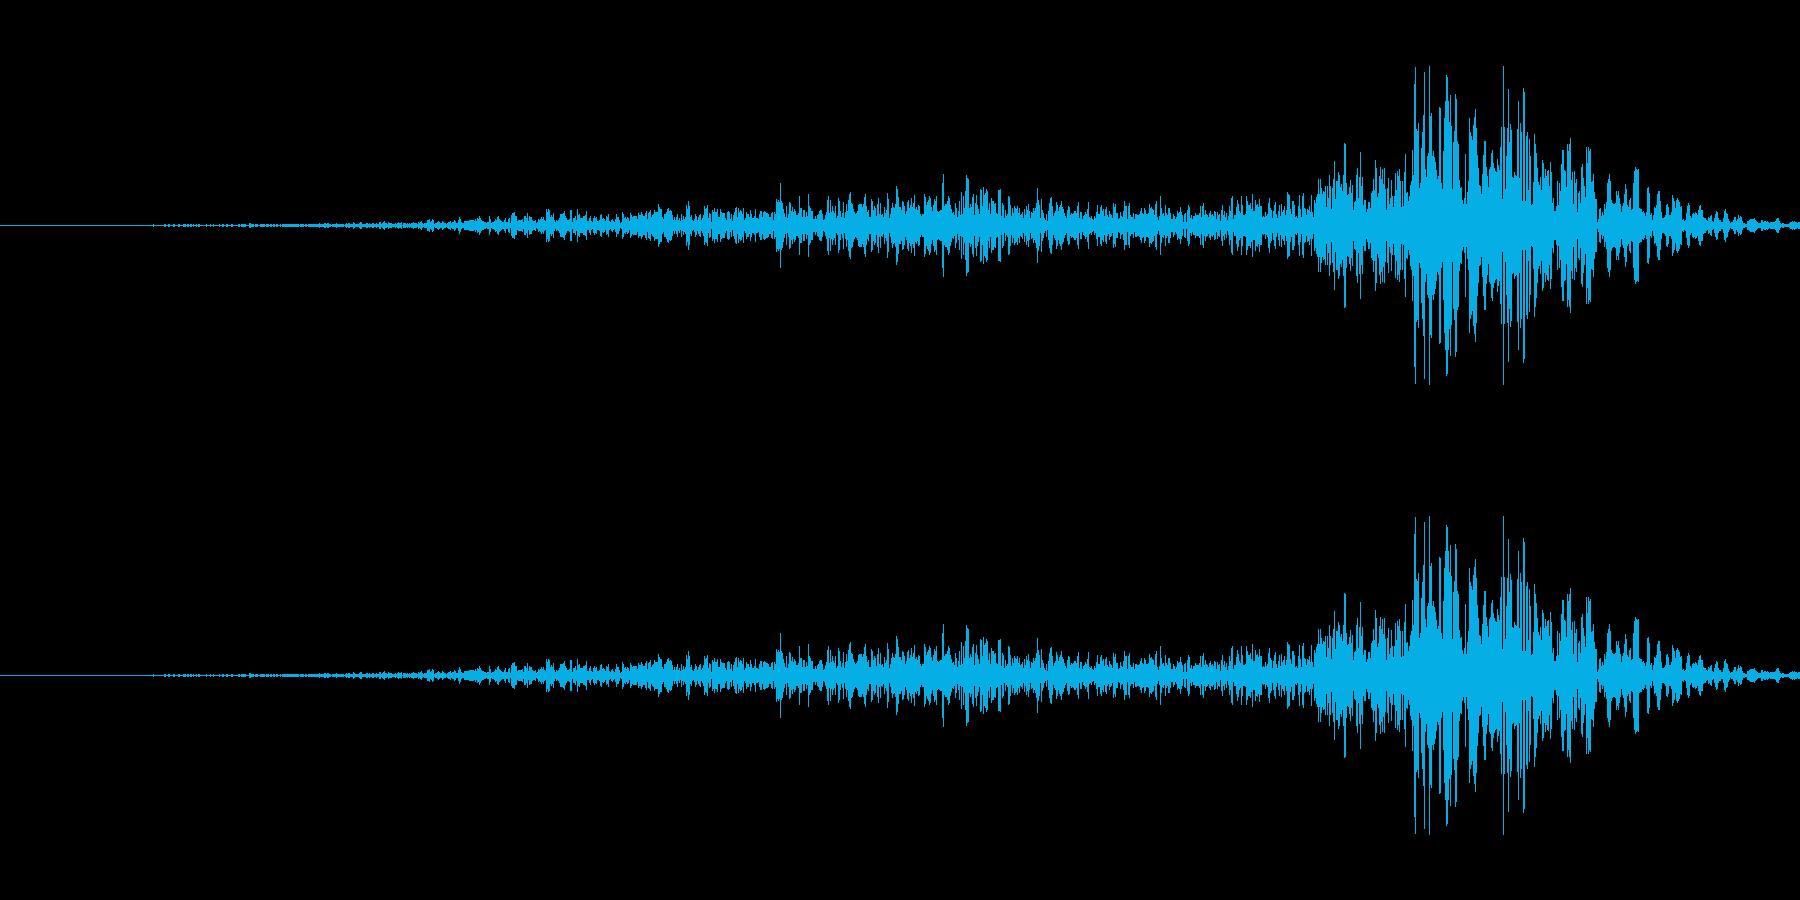 引き出しを閉める音の再生済みの波形